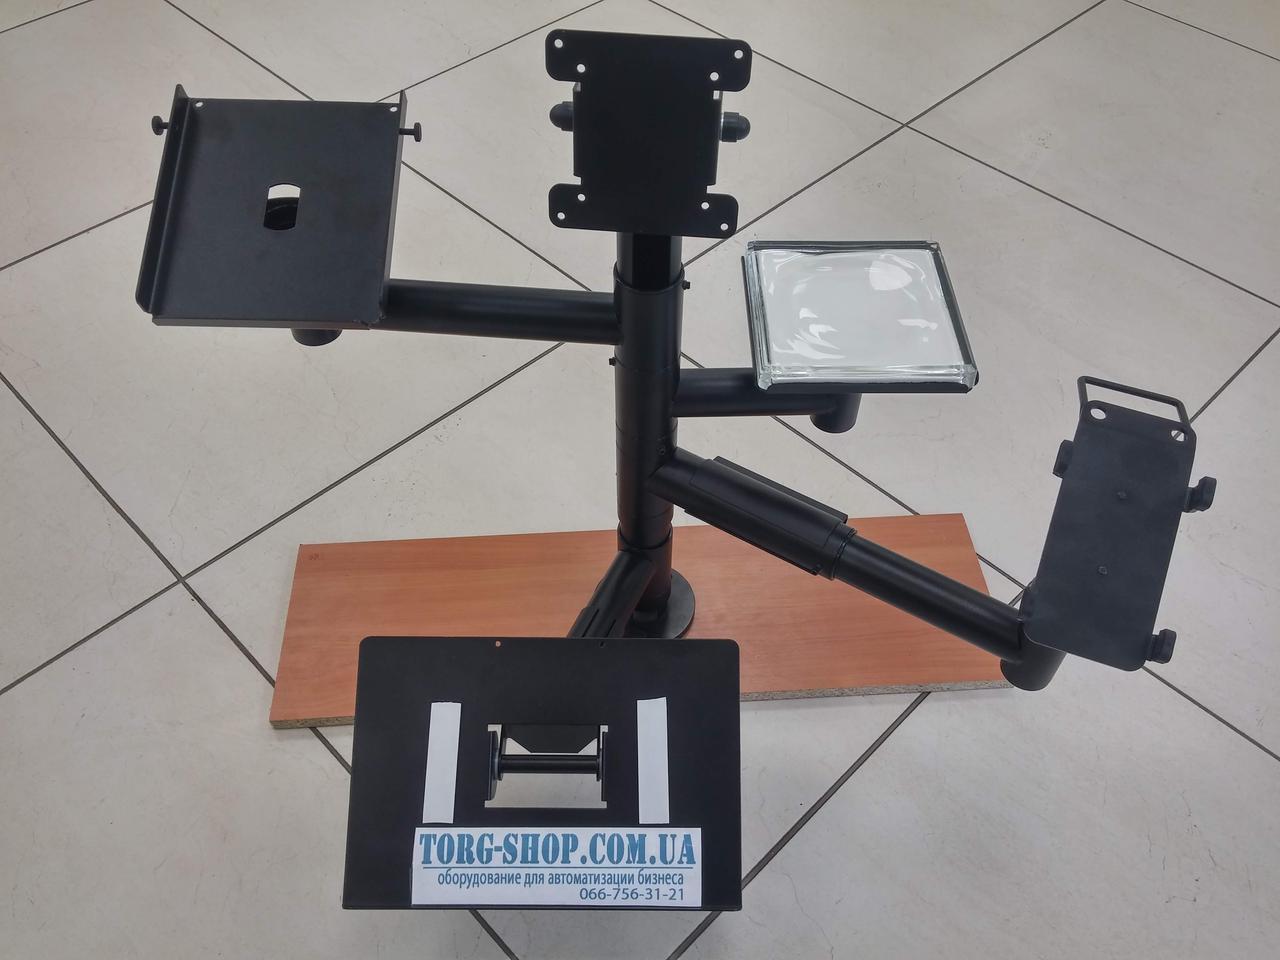 Стійка з верхнім кріпленням дисплея, держателем принтера, терміналу, монетниці і клавіатури